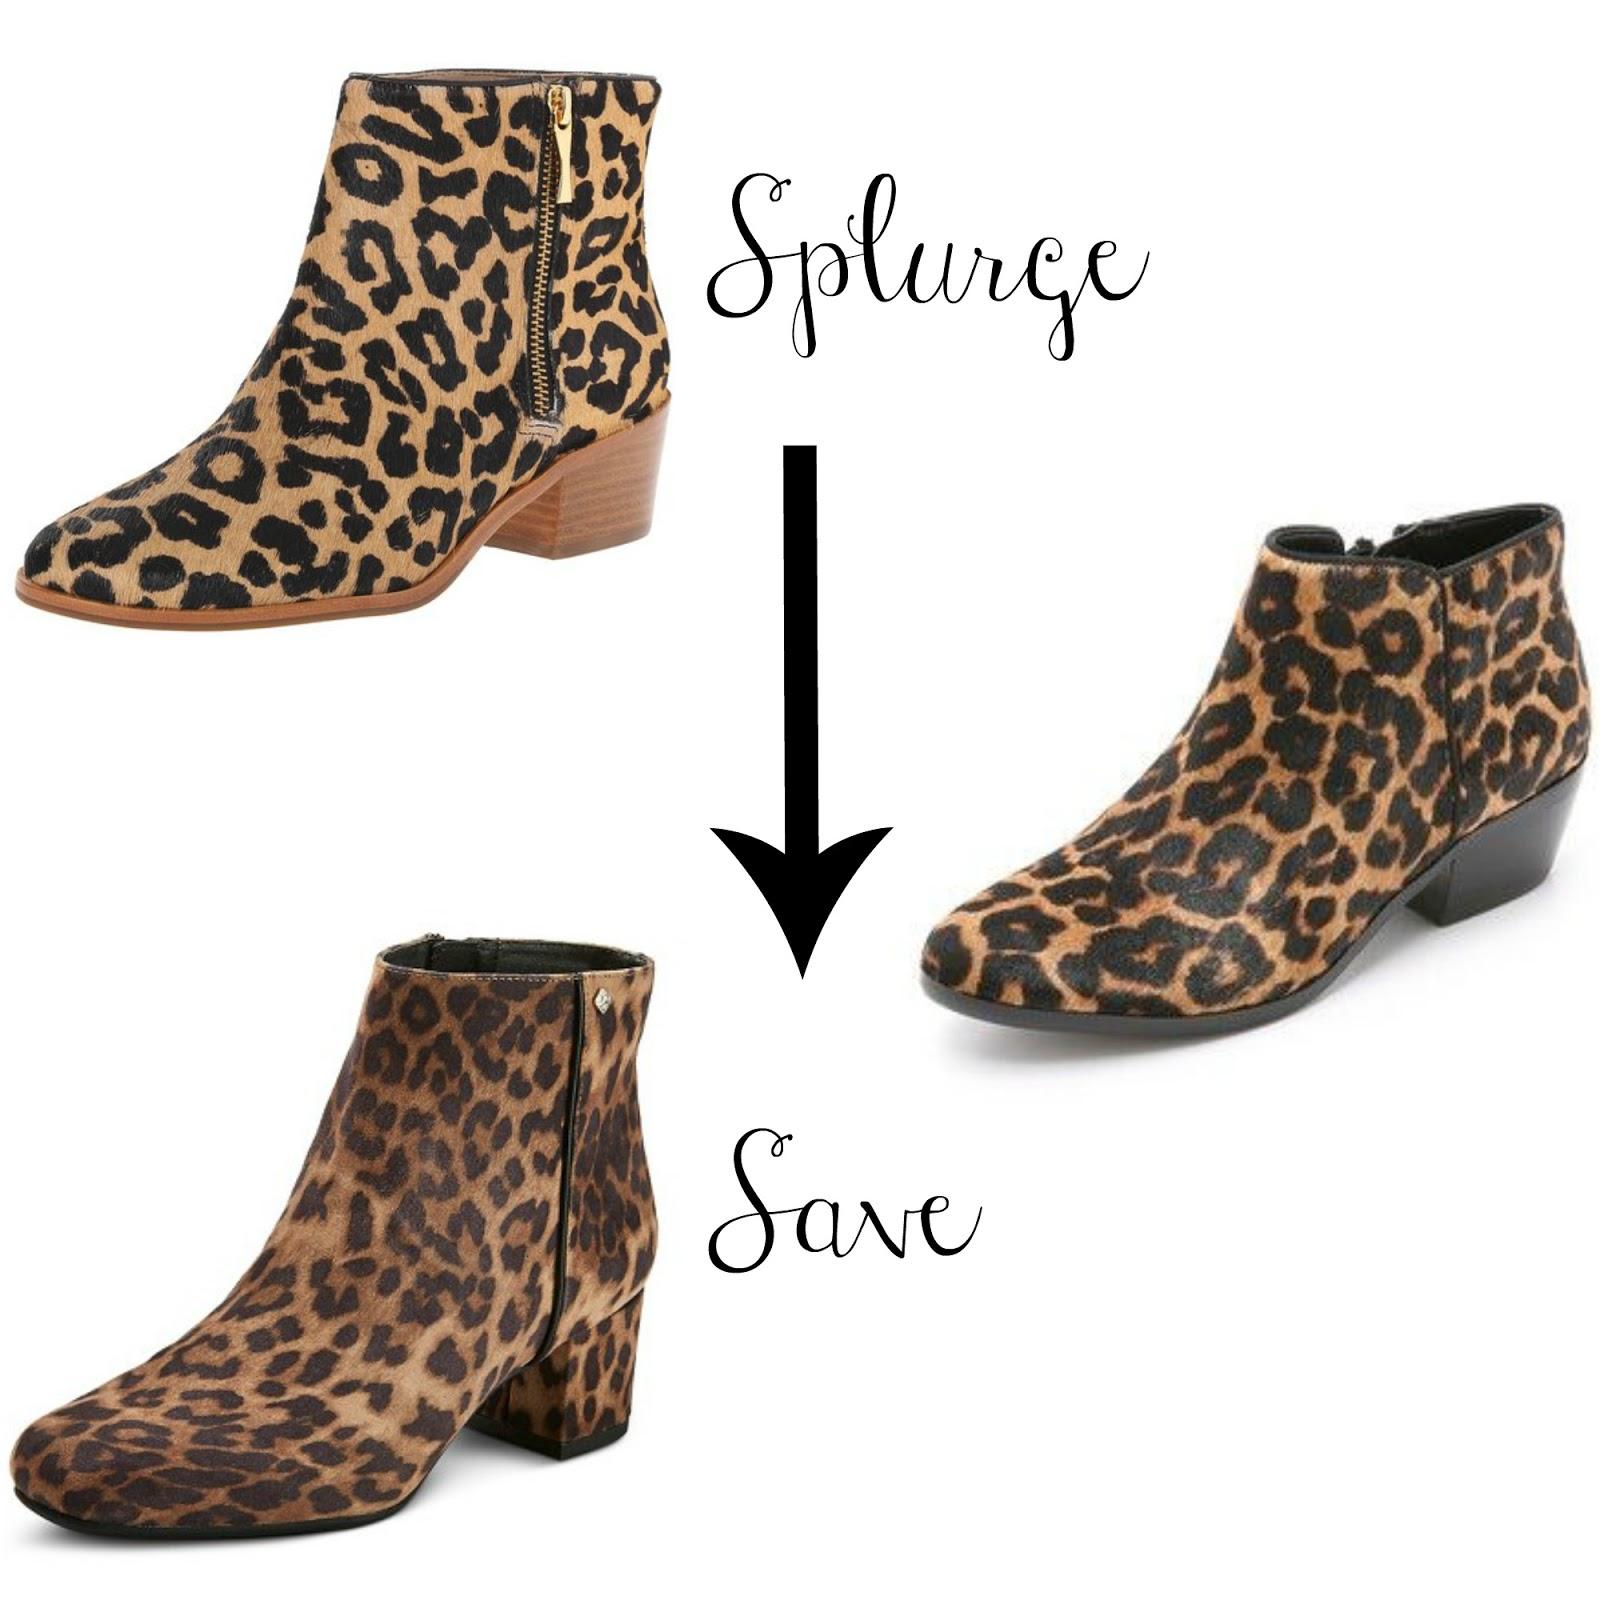 leopard booties - kate spade terri booties - sam edelman petty booties - target leopard booties - sam & libby leopard booties